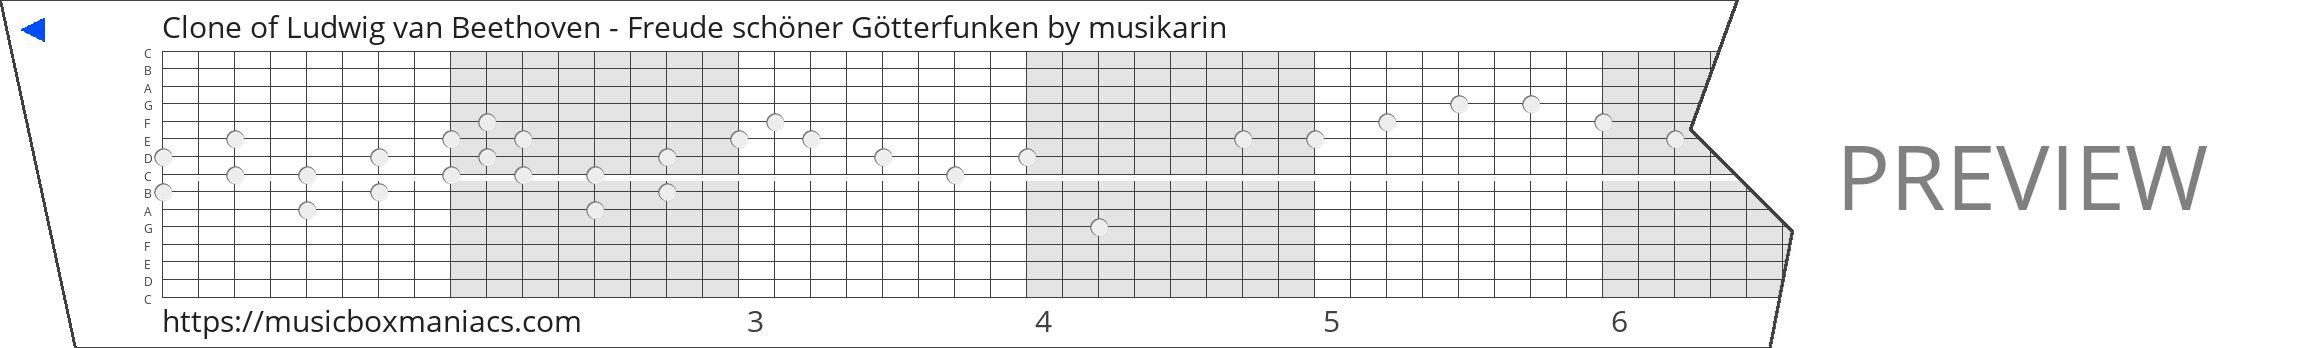 Clone of Ludwig van Beethoven - Freude schöner Götterfunken 15 note music box paper strip